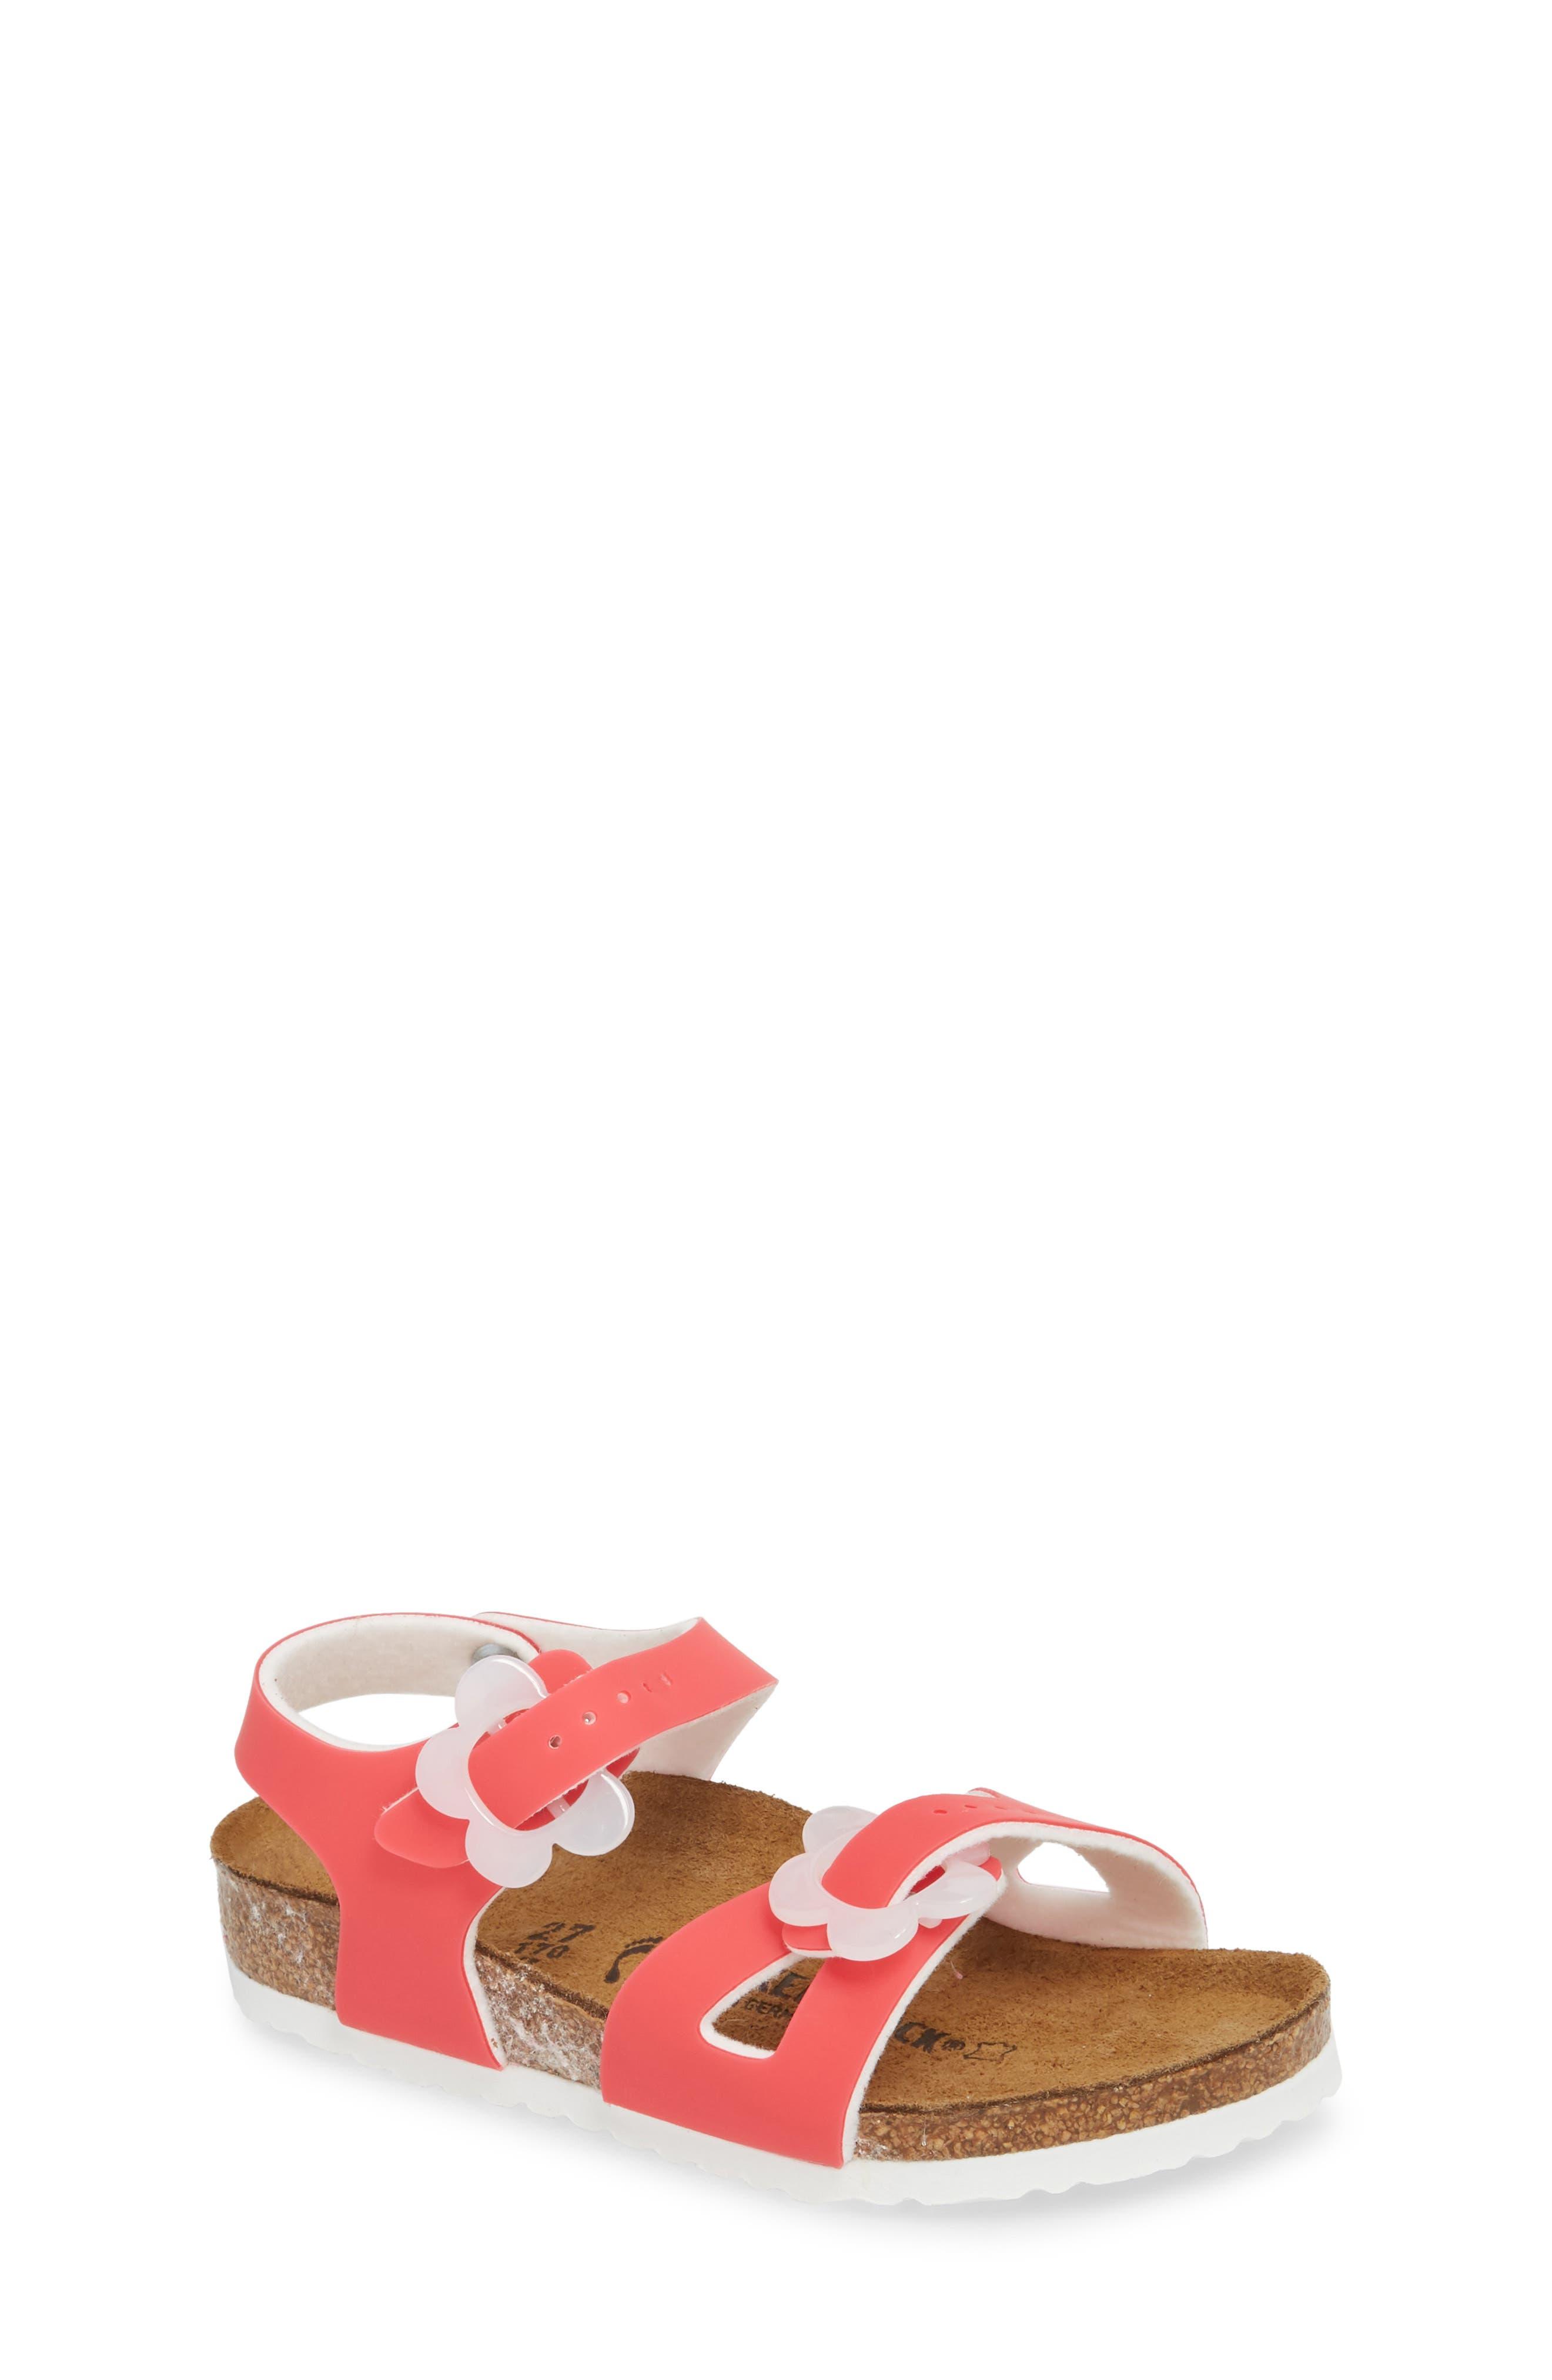 Birkenstock Rio Flowered Sandal (Toddler)